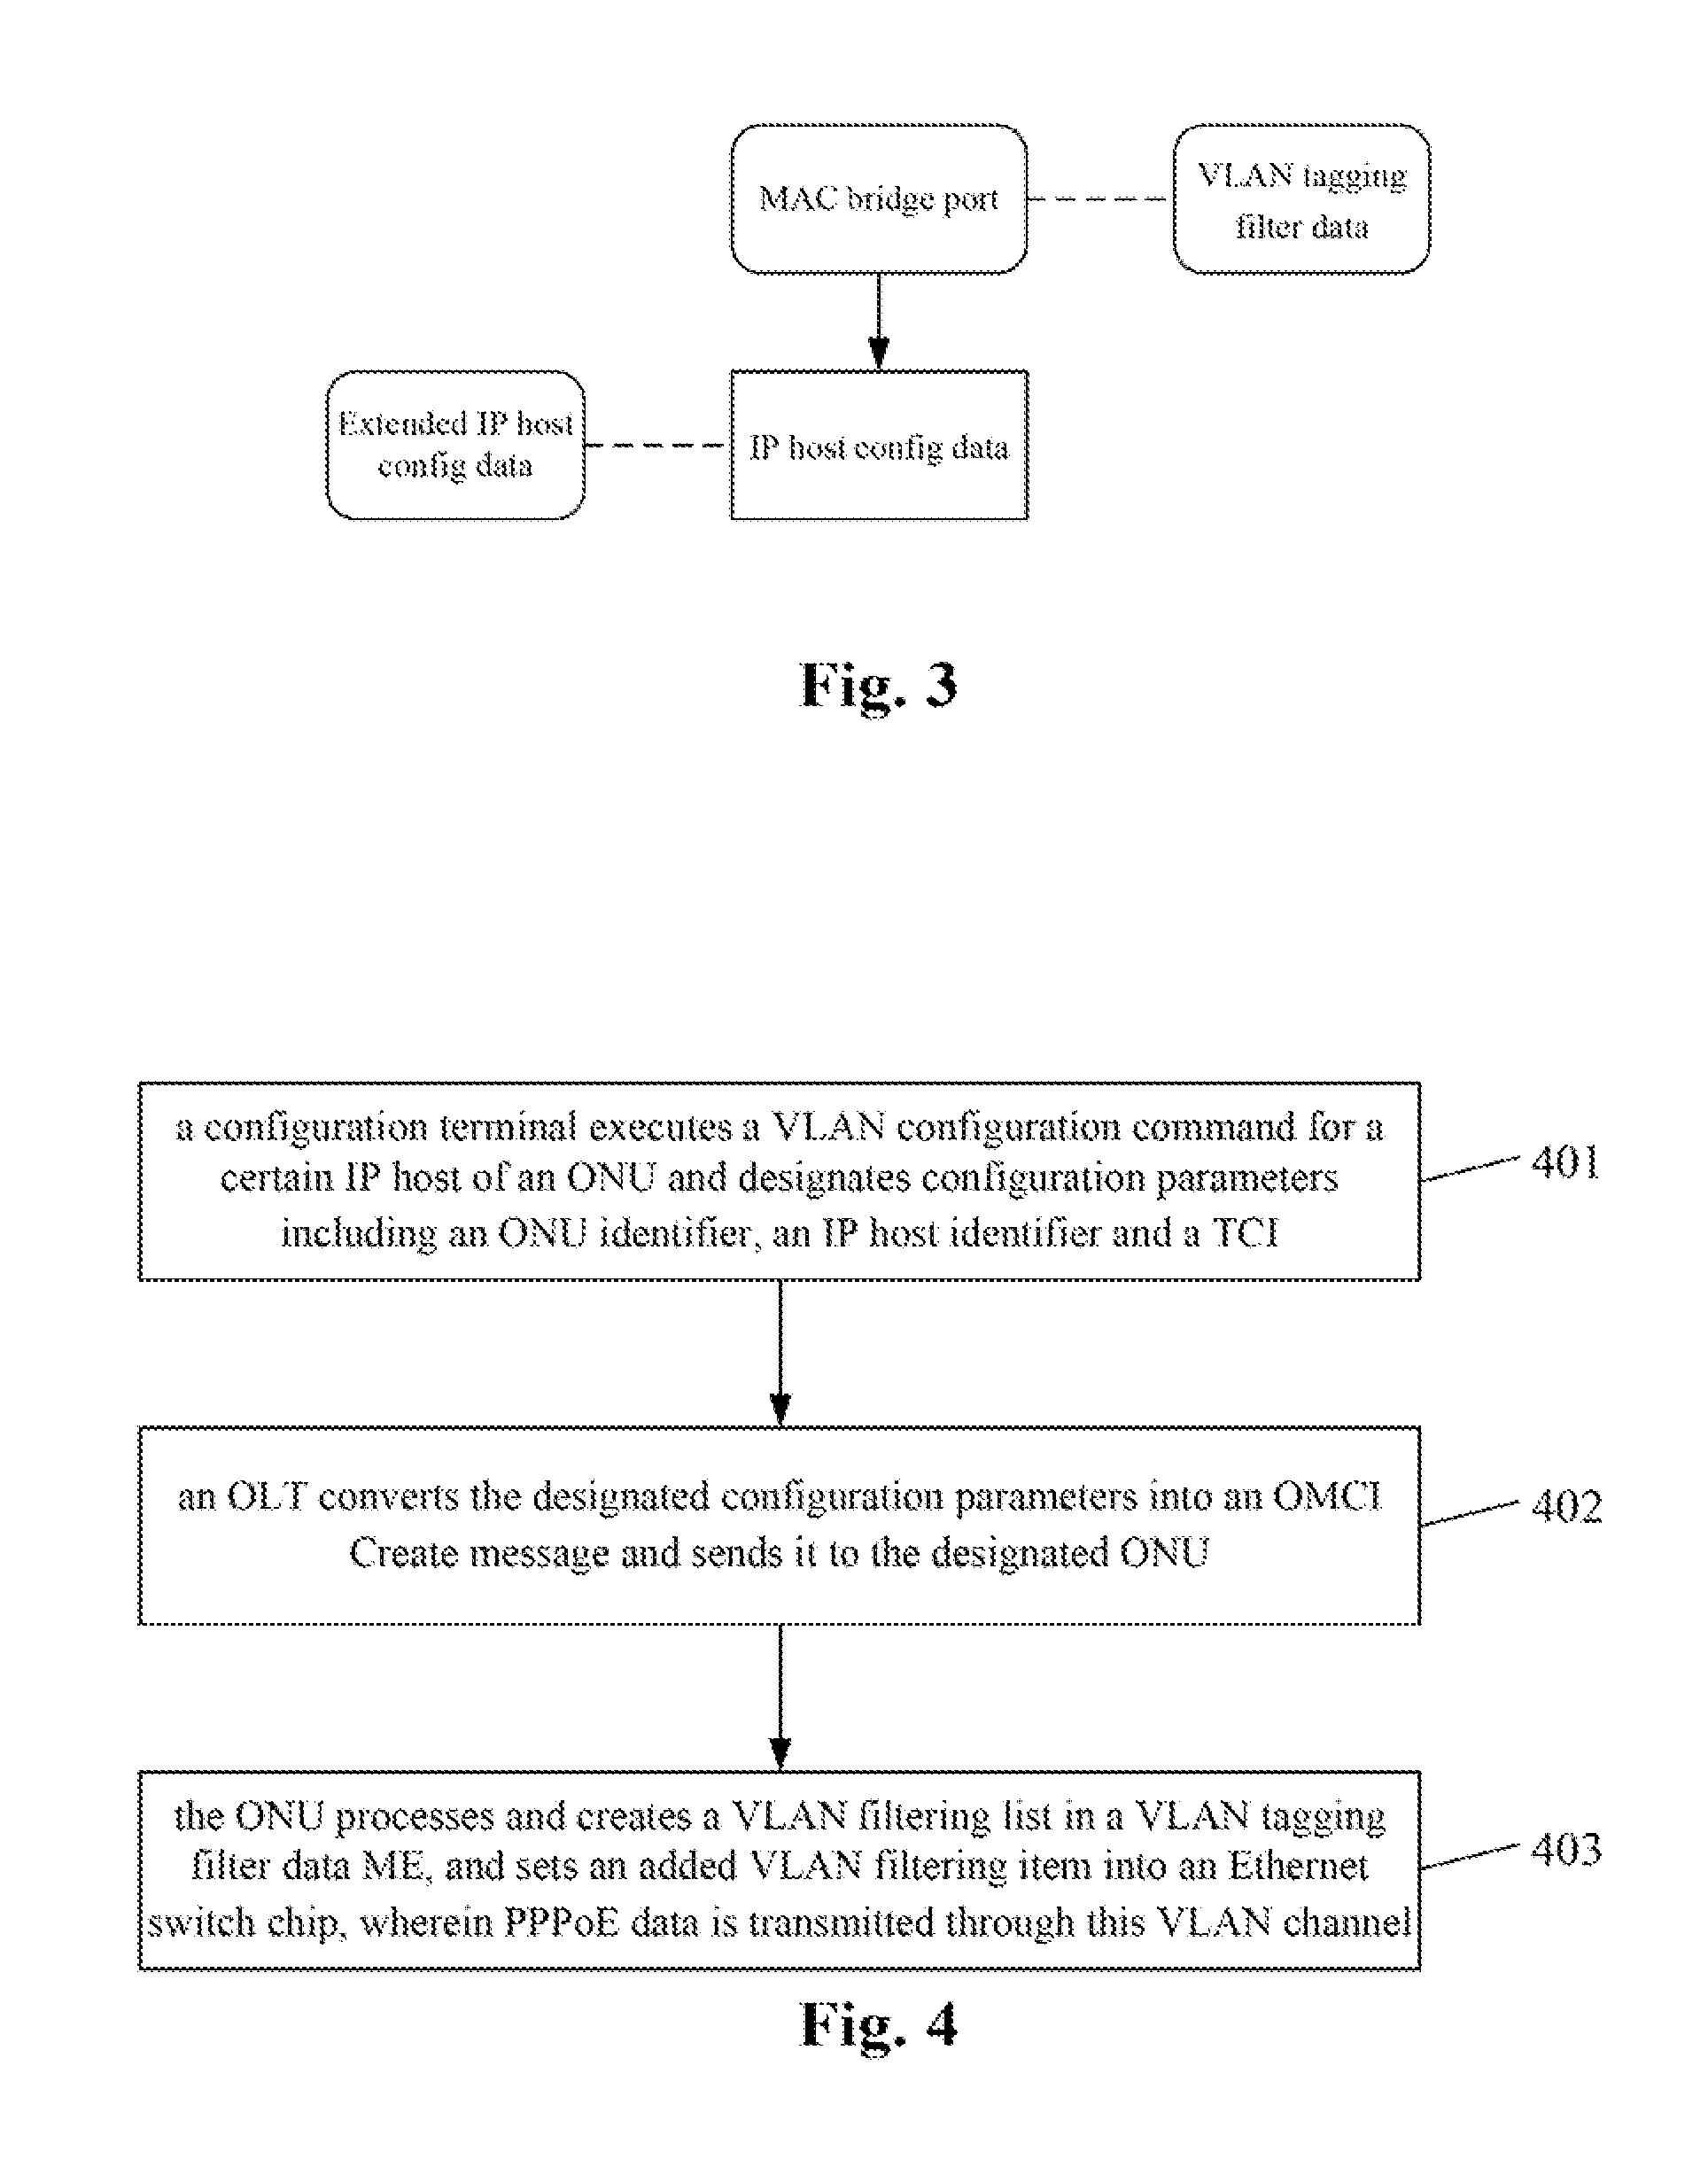 براءة الاختراع US20130058654 - Gigabit-Capable Passive Optical